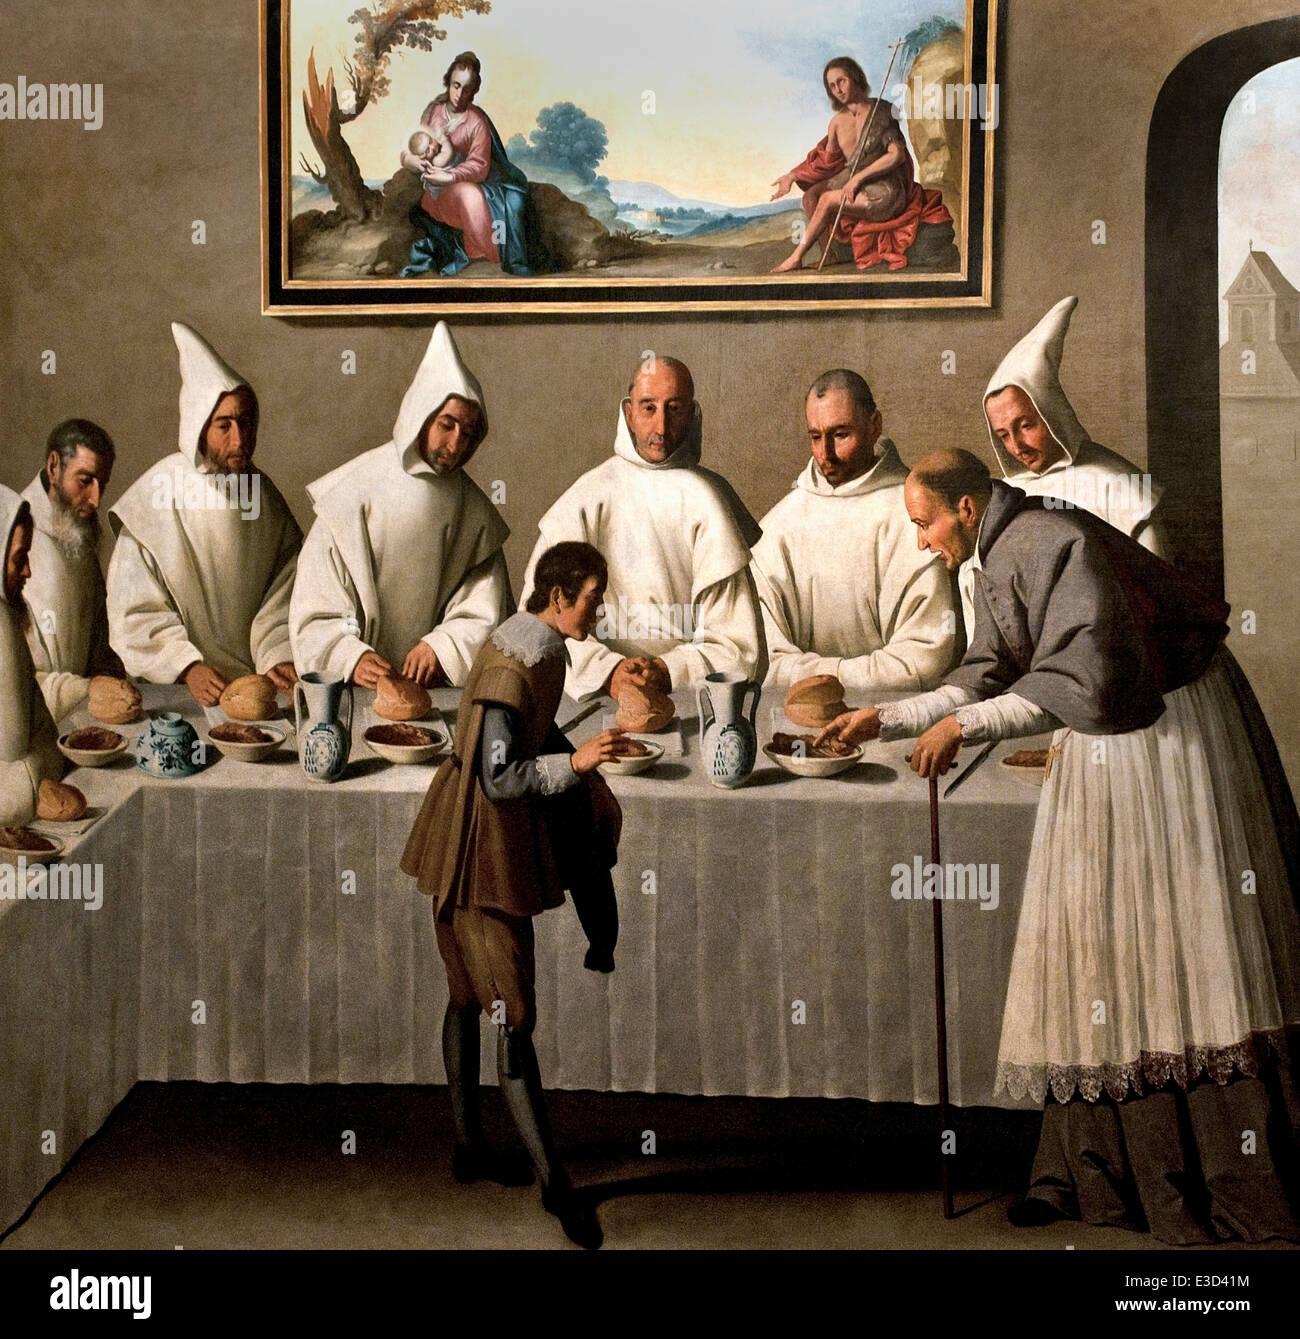 Dans le réfectoire Saint Hugh 1655 Francisco de Zurbarán 1598 - 1664 Espagnol Espagne Banque D'Images